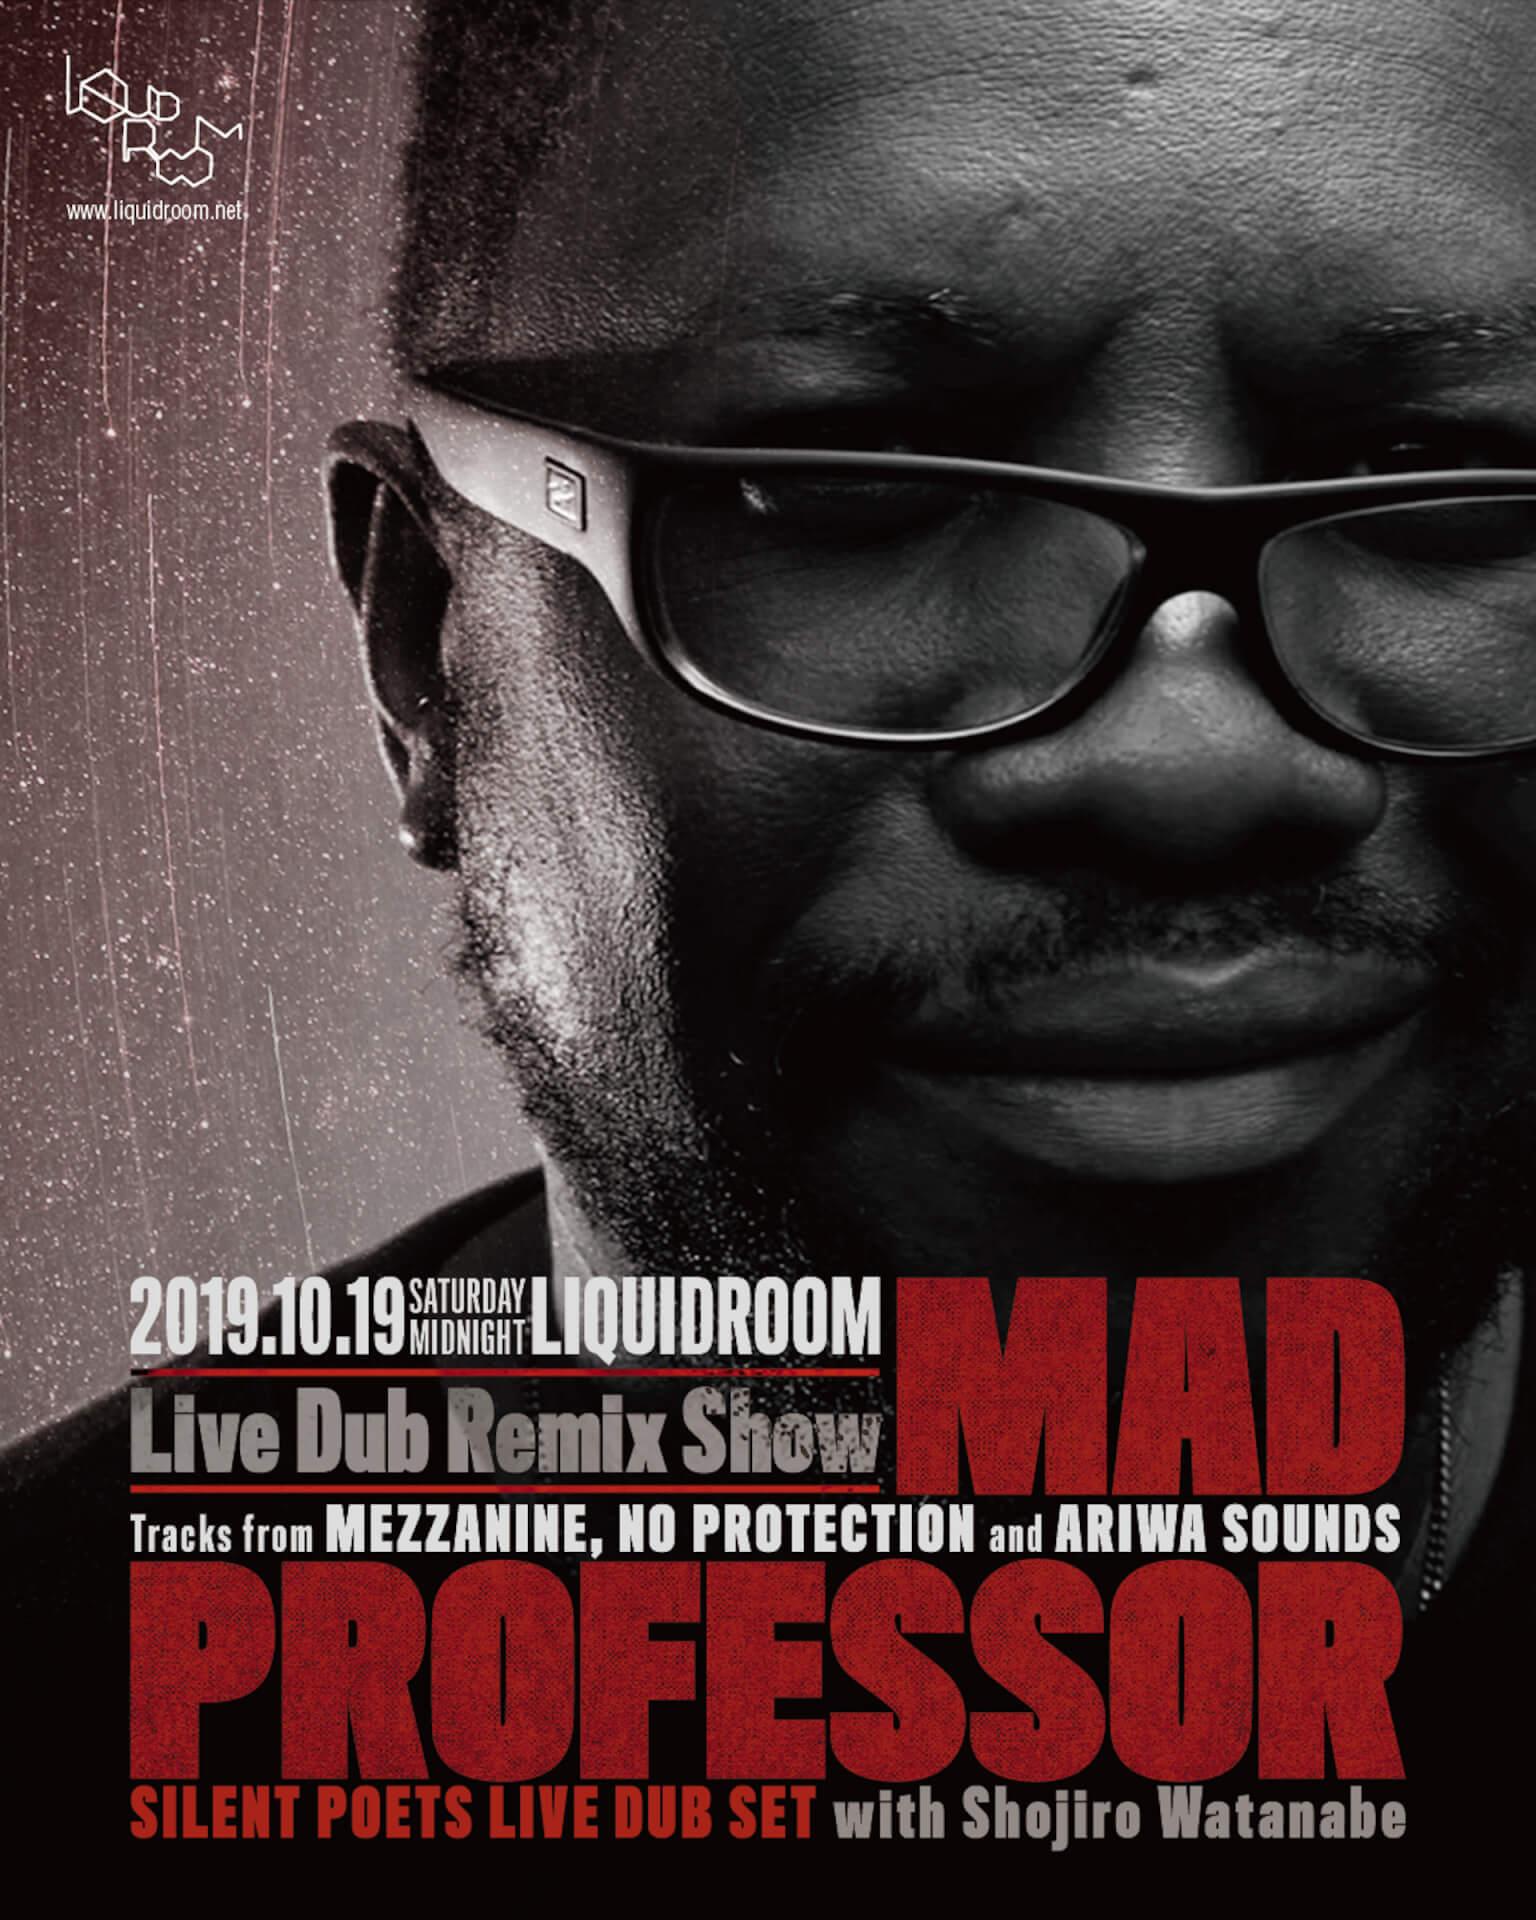 Massive Attackのダブ・リミックスでお馴染みのMad Professorが10月来日、神業ライヴ・ダブ・ミックスを披露 共演にSILENT POETS music190913-madprofessor-1